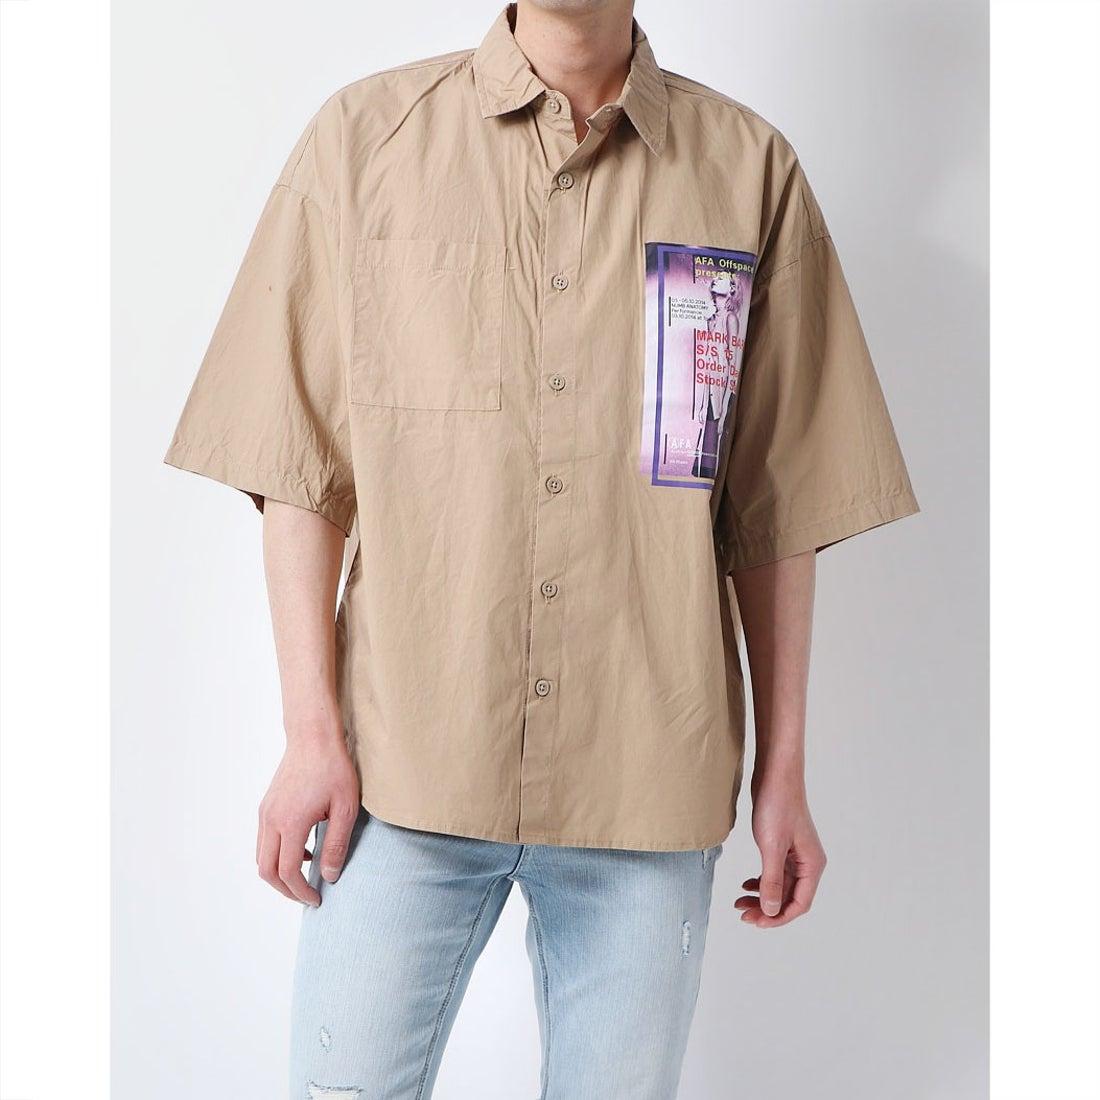 ロコンド 靴とファッションの通販サイトスタイルブロック STYLEBLOCK フォト付きタイプライター半袖ビッグシャツ (ベージュ)